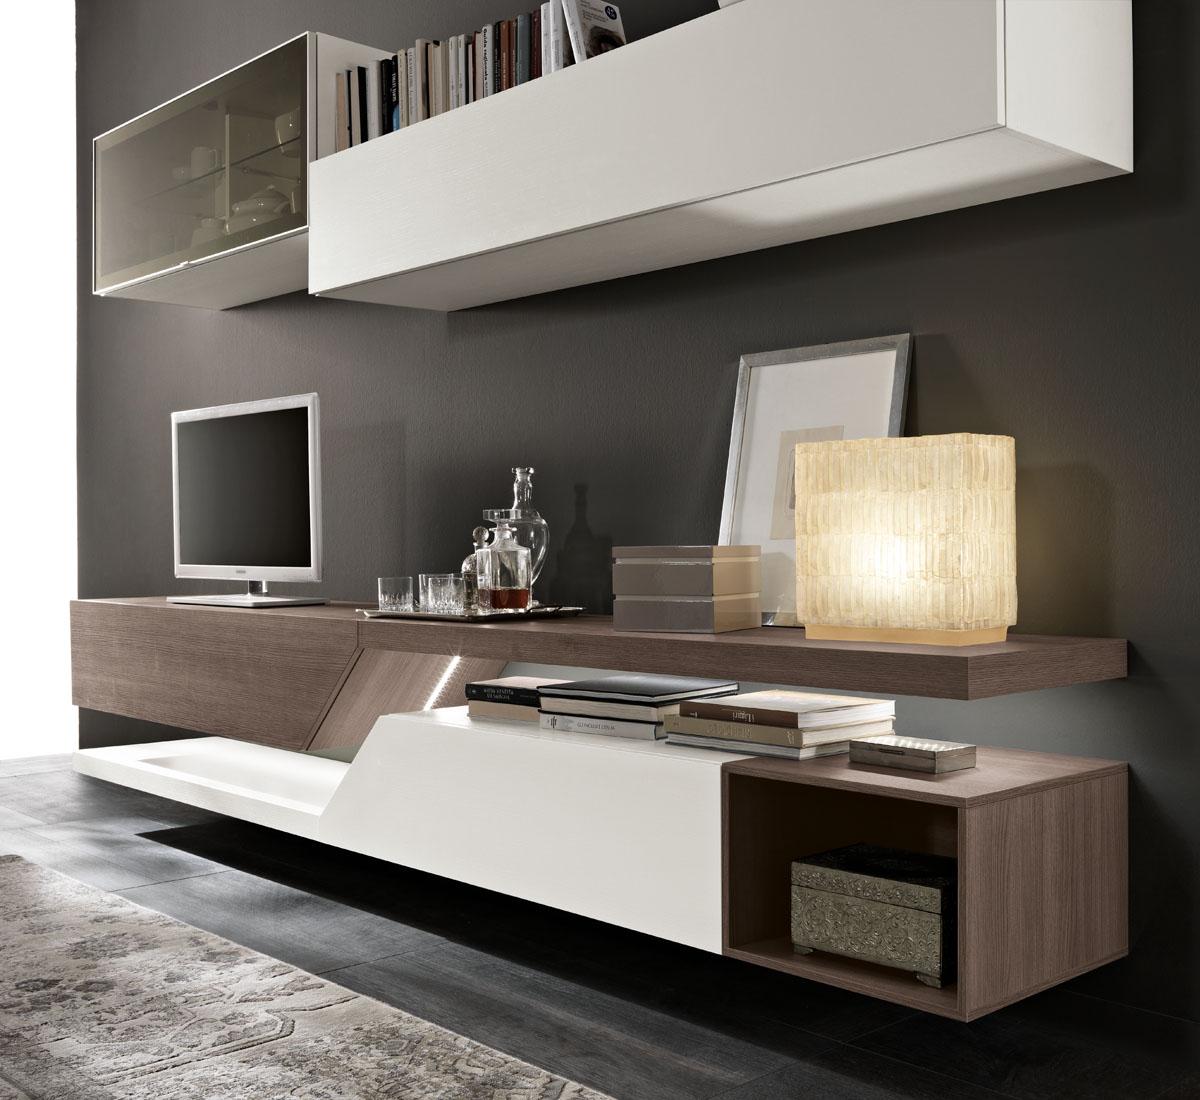 Arredamento soggiorno moderno modello exential spar for Arredamento soggiorno moderno